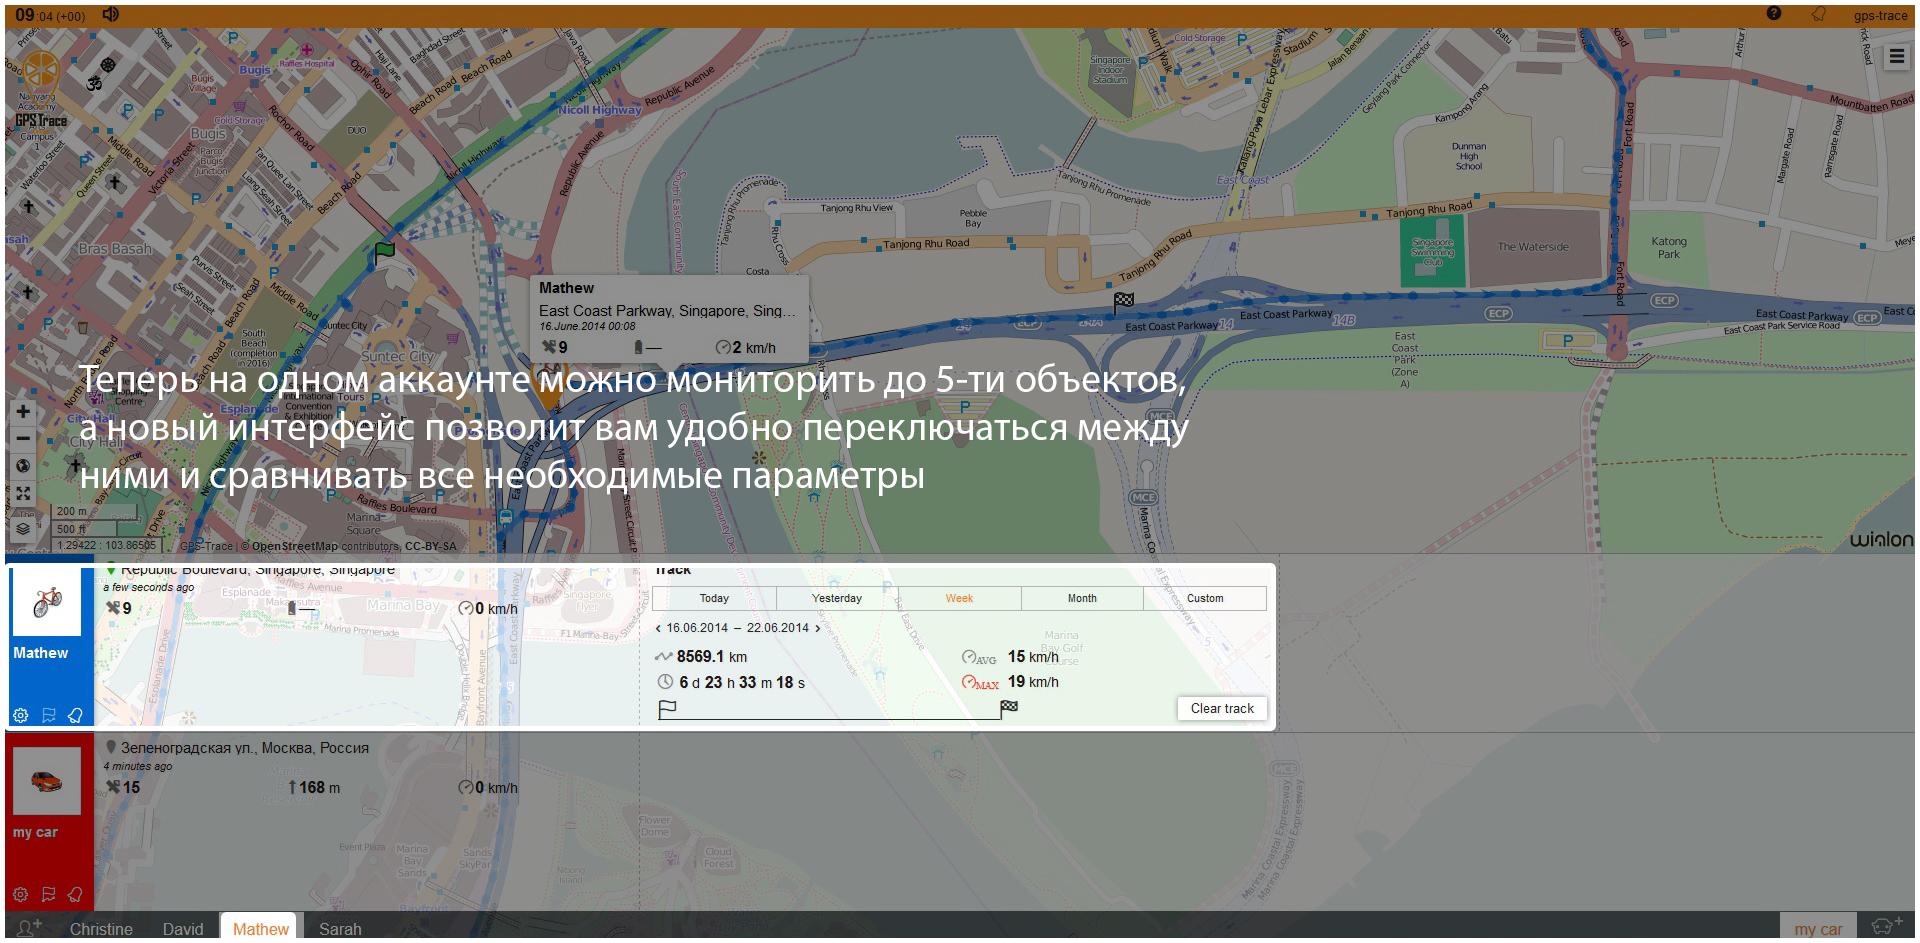 Теперь на одном аккаунте можно мониторить до 5-ти объектов, а новый интерфейс позволит вам удобно переключаться между ними и сравнивать все необходимые параметры.